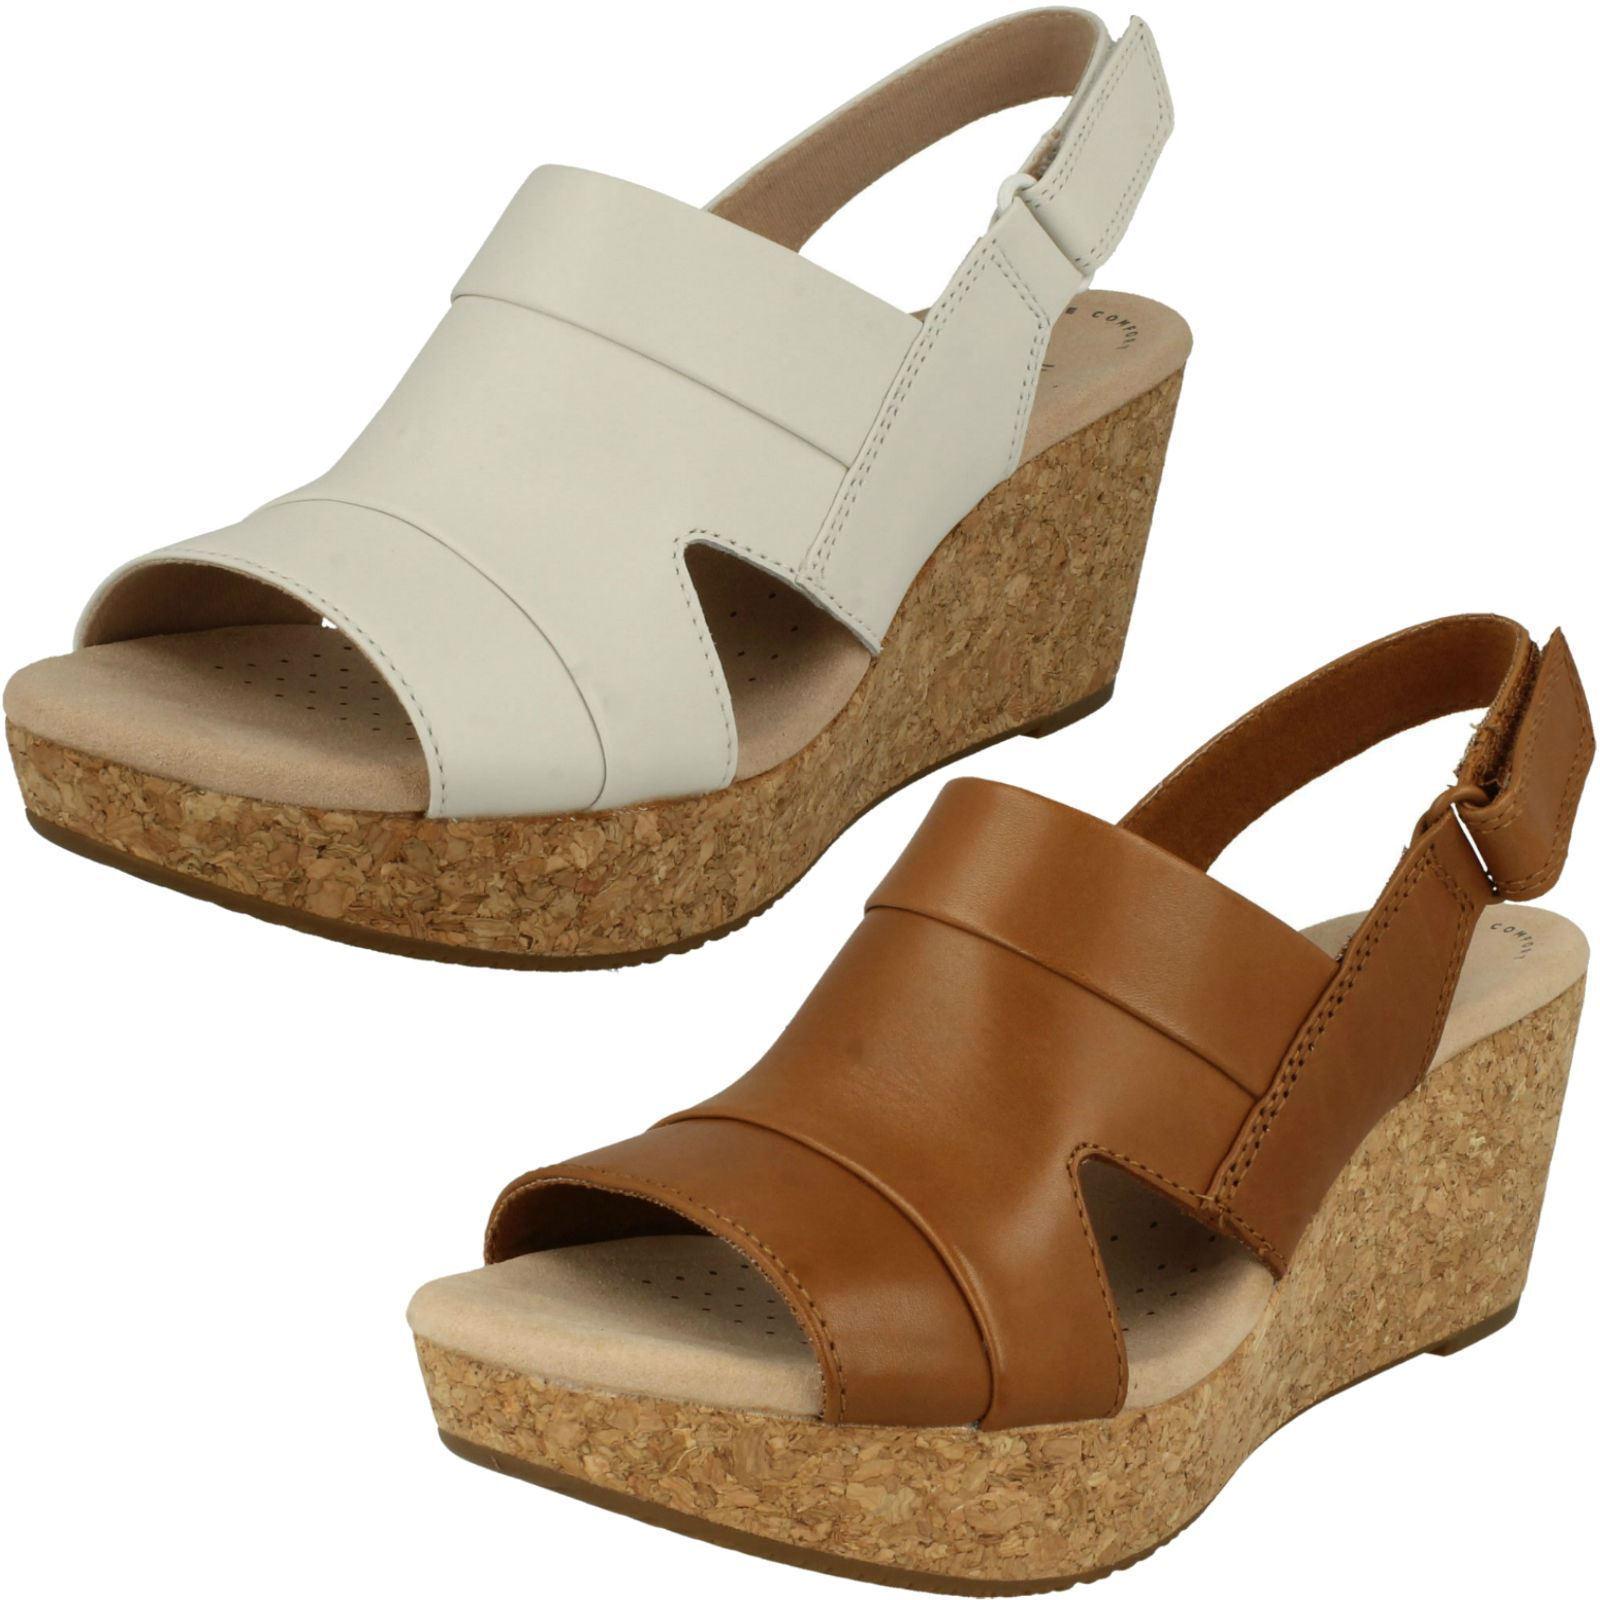 Ladies Clarks Wedge Heeled Sandals - Annadel Ivory